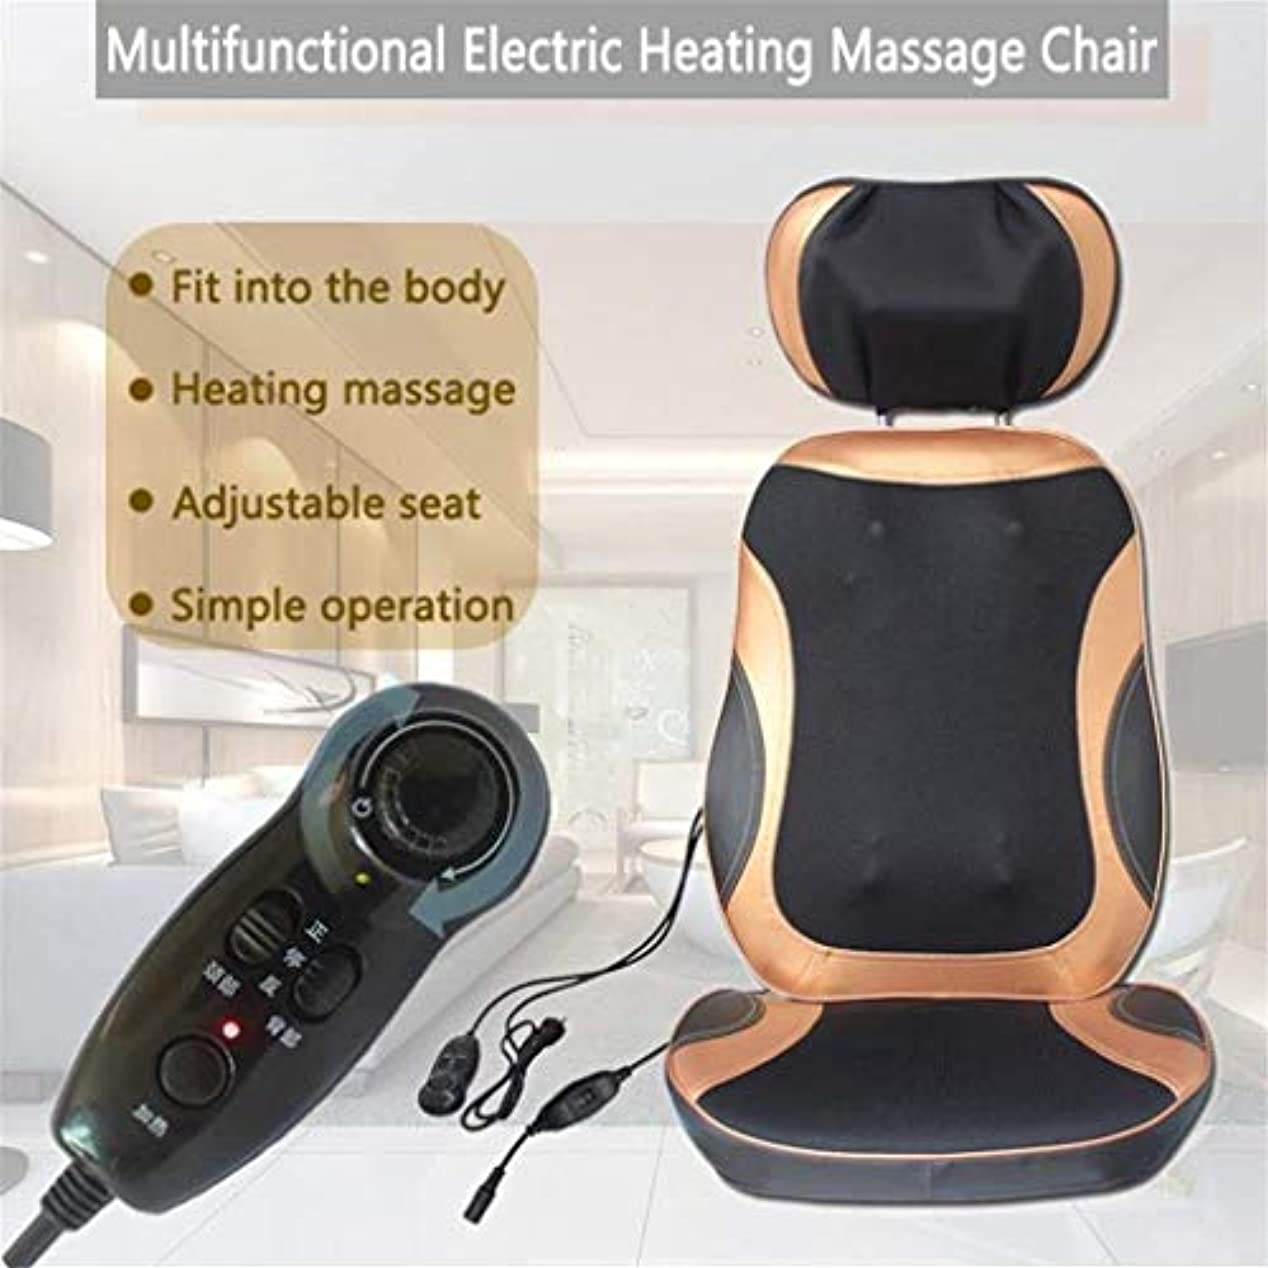 叙情的な異形ペック多機能マッサージクッション、電動フルボディマッサージチェア、振動頚部枕首、血液循環の促進、ストレス/痛みの緩和、ホームオフィス